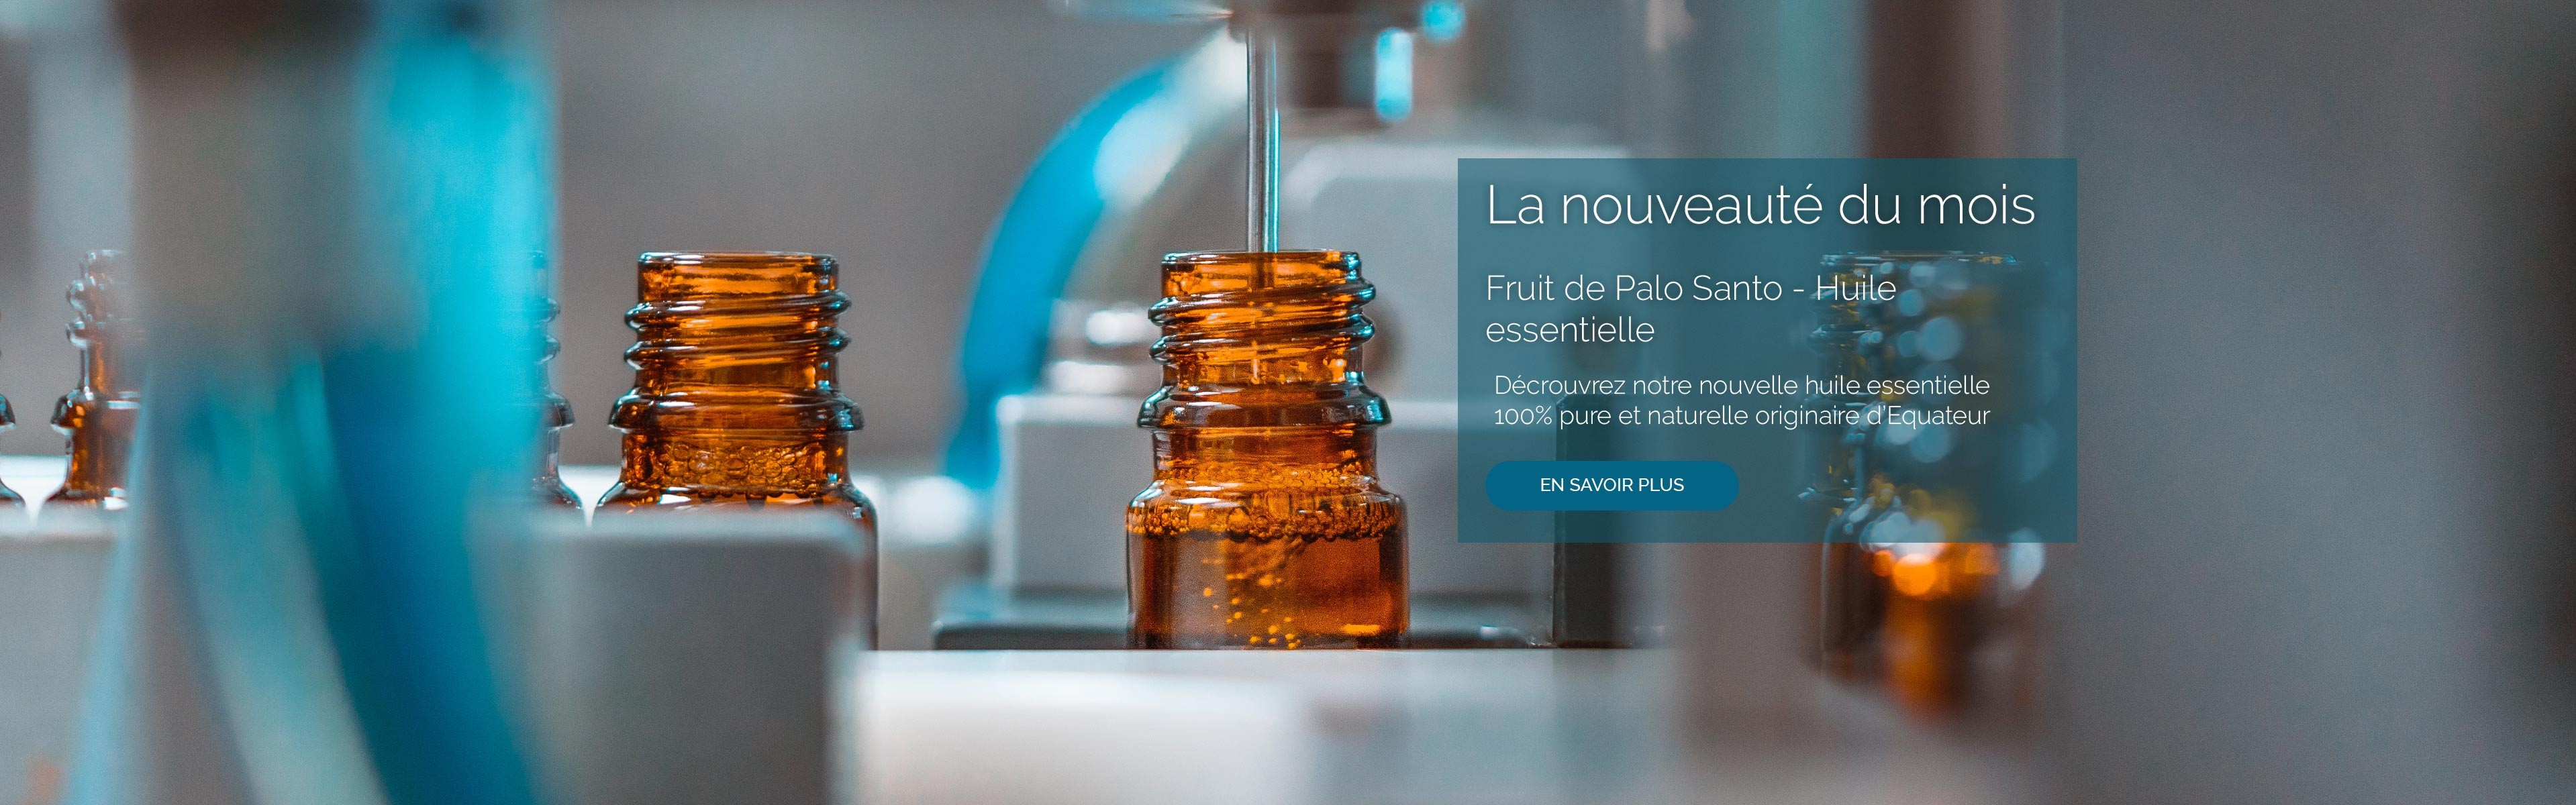 Huile Essentielle de Fruit de Palo Santo. Découvrez notre nouvelle 100% pure et naturelle originaire d'Equateur.